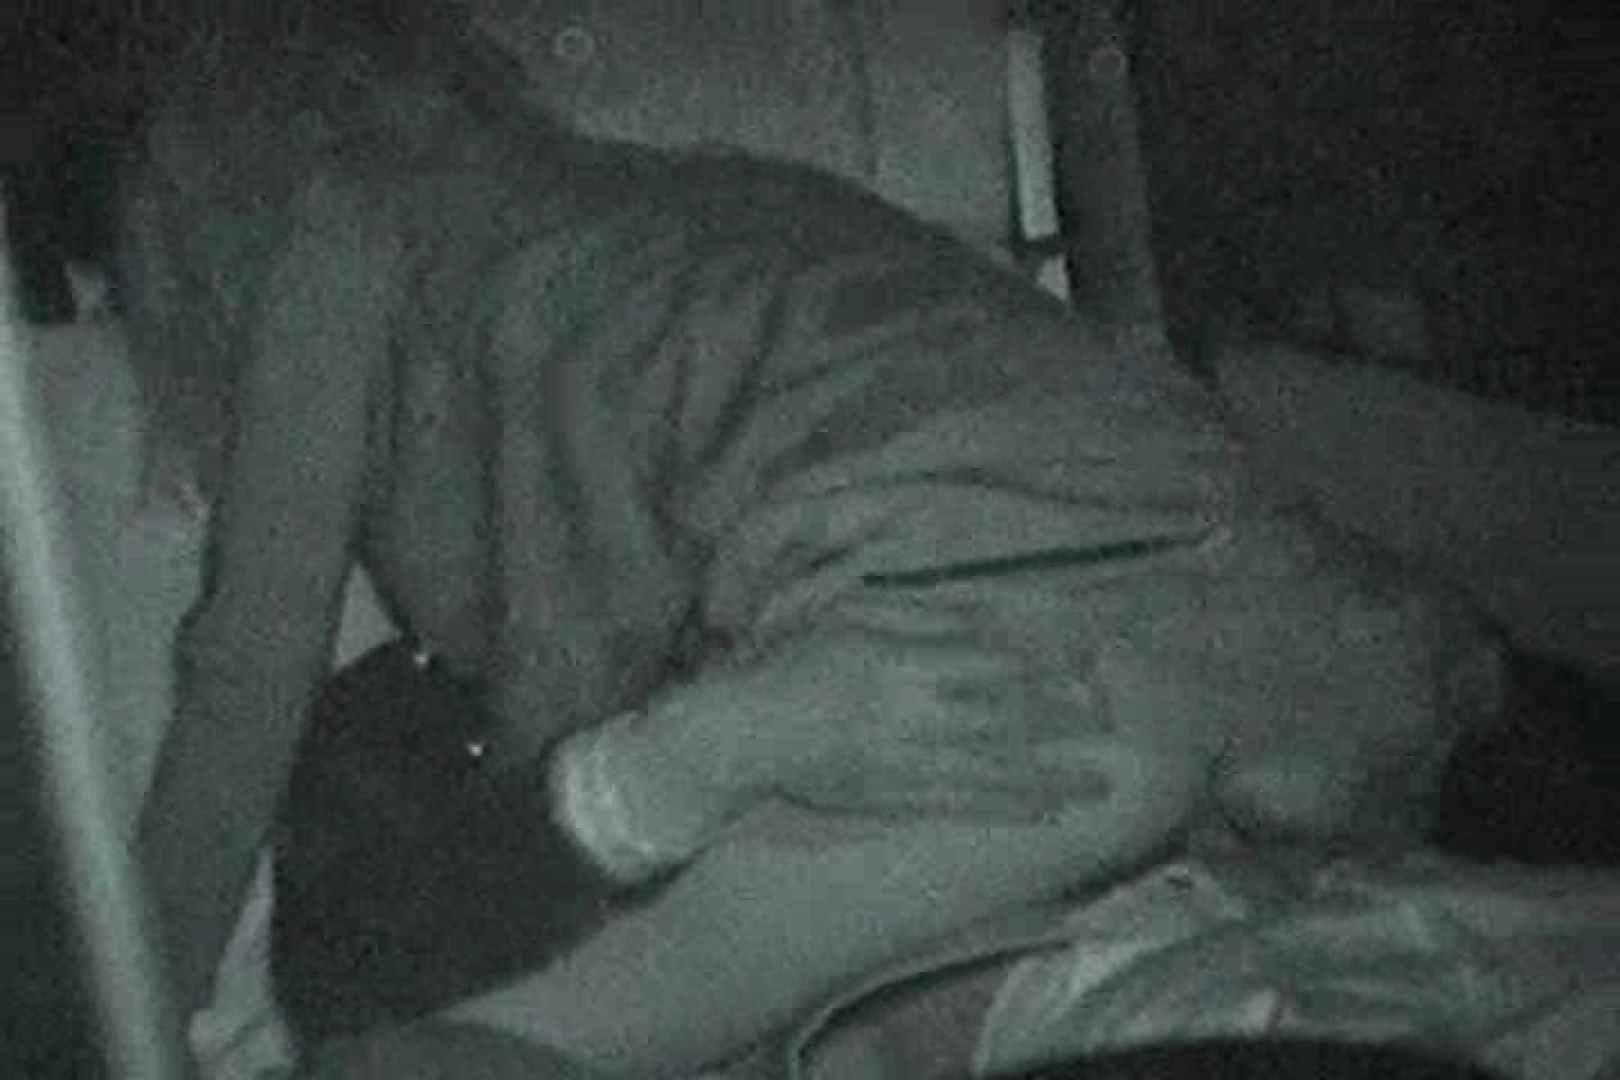 充血監督の深夜の運動会Vol.2 美しいOLの裸体  84pic 28